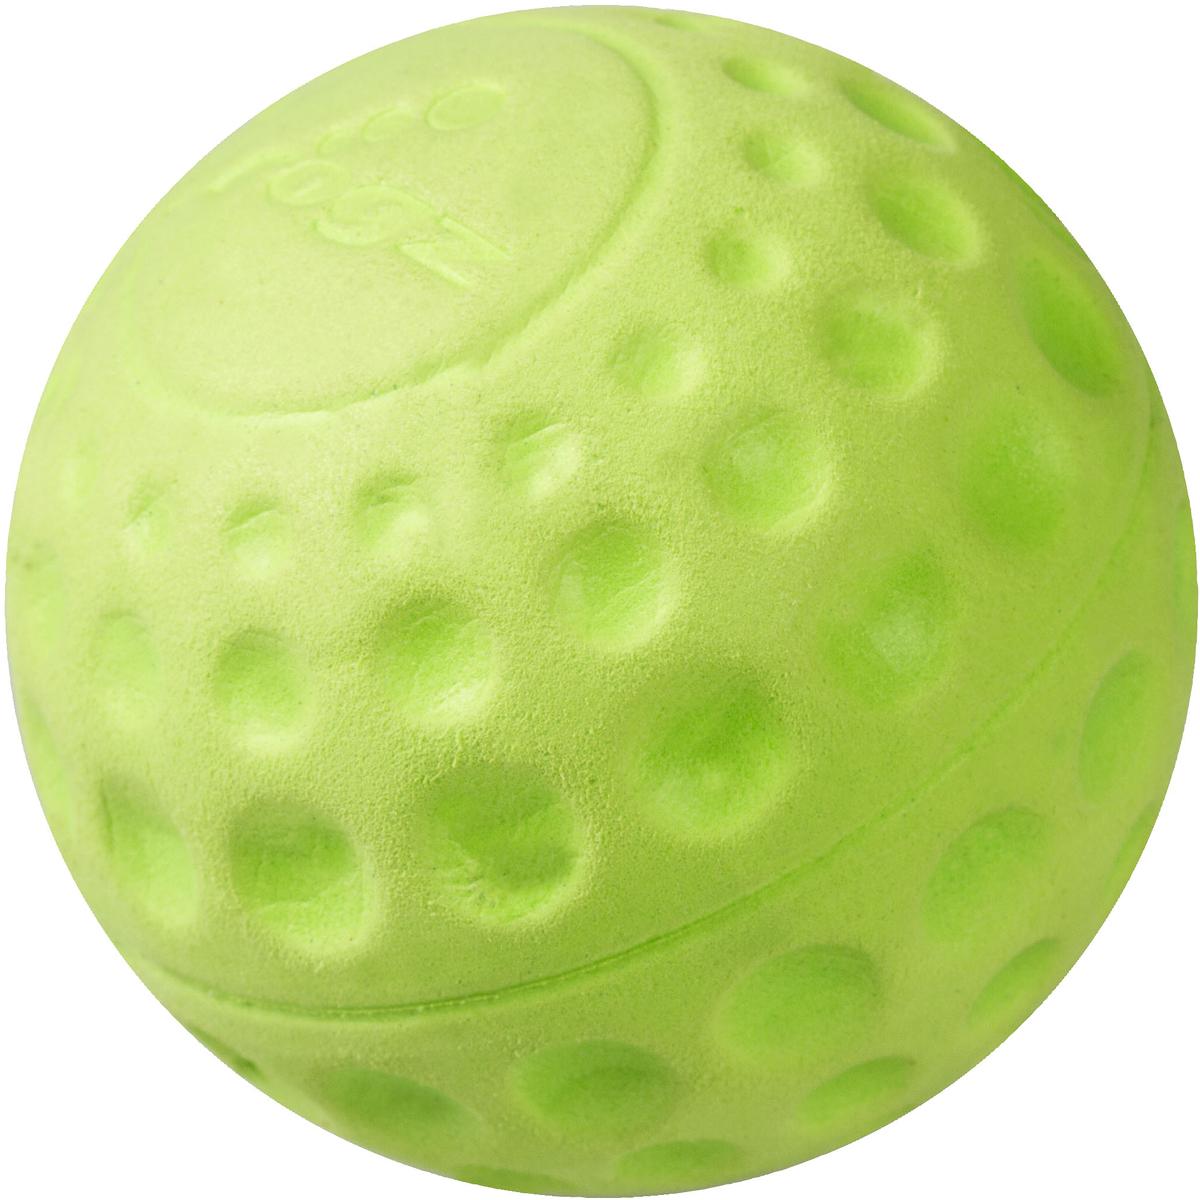 Игрушка для собак Rogz Asteroidz, цвет: лайм, диаметр 7,8 см75408Мяч для собак Rogz Asteroidz предназначен для игры с хозяином Принеси.Мяч имеет небольшой вес, не травмирует десны, не повреждает зубы, удобно носить в пасти.Отличная упругость для подпрыгивания.Изготовлено из особого термоэластопласта Sebs, обеспечивающего великолепную плавучесть в воде, поэтому игрушка отлично подходит для игры в водоеме. Материал изделия: EVA (этиленвинилацетат) - легкий мелкопористый материал, похожий на застывшую пену.Не токсичен.